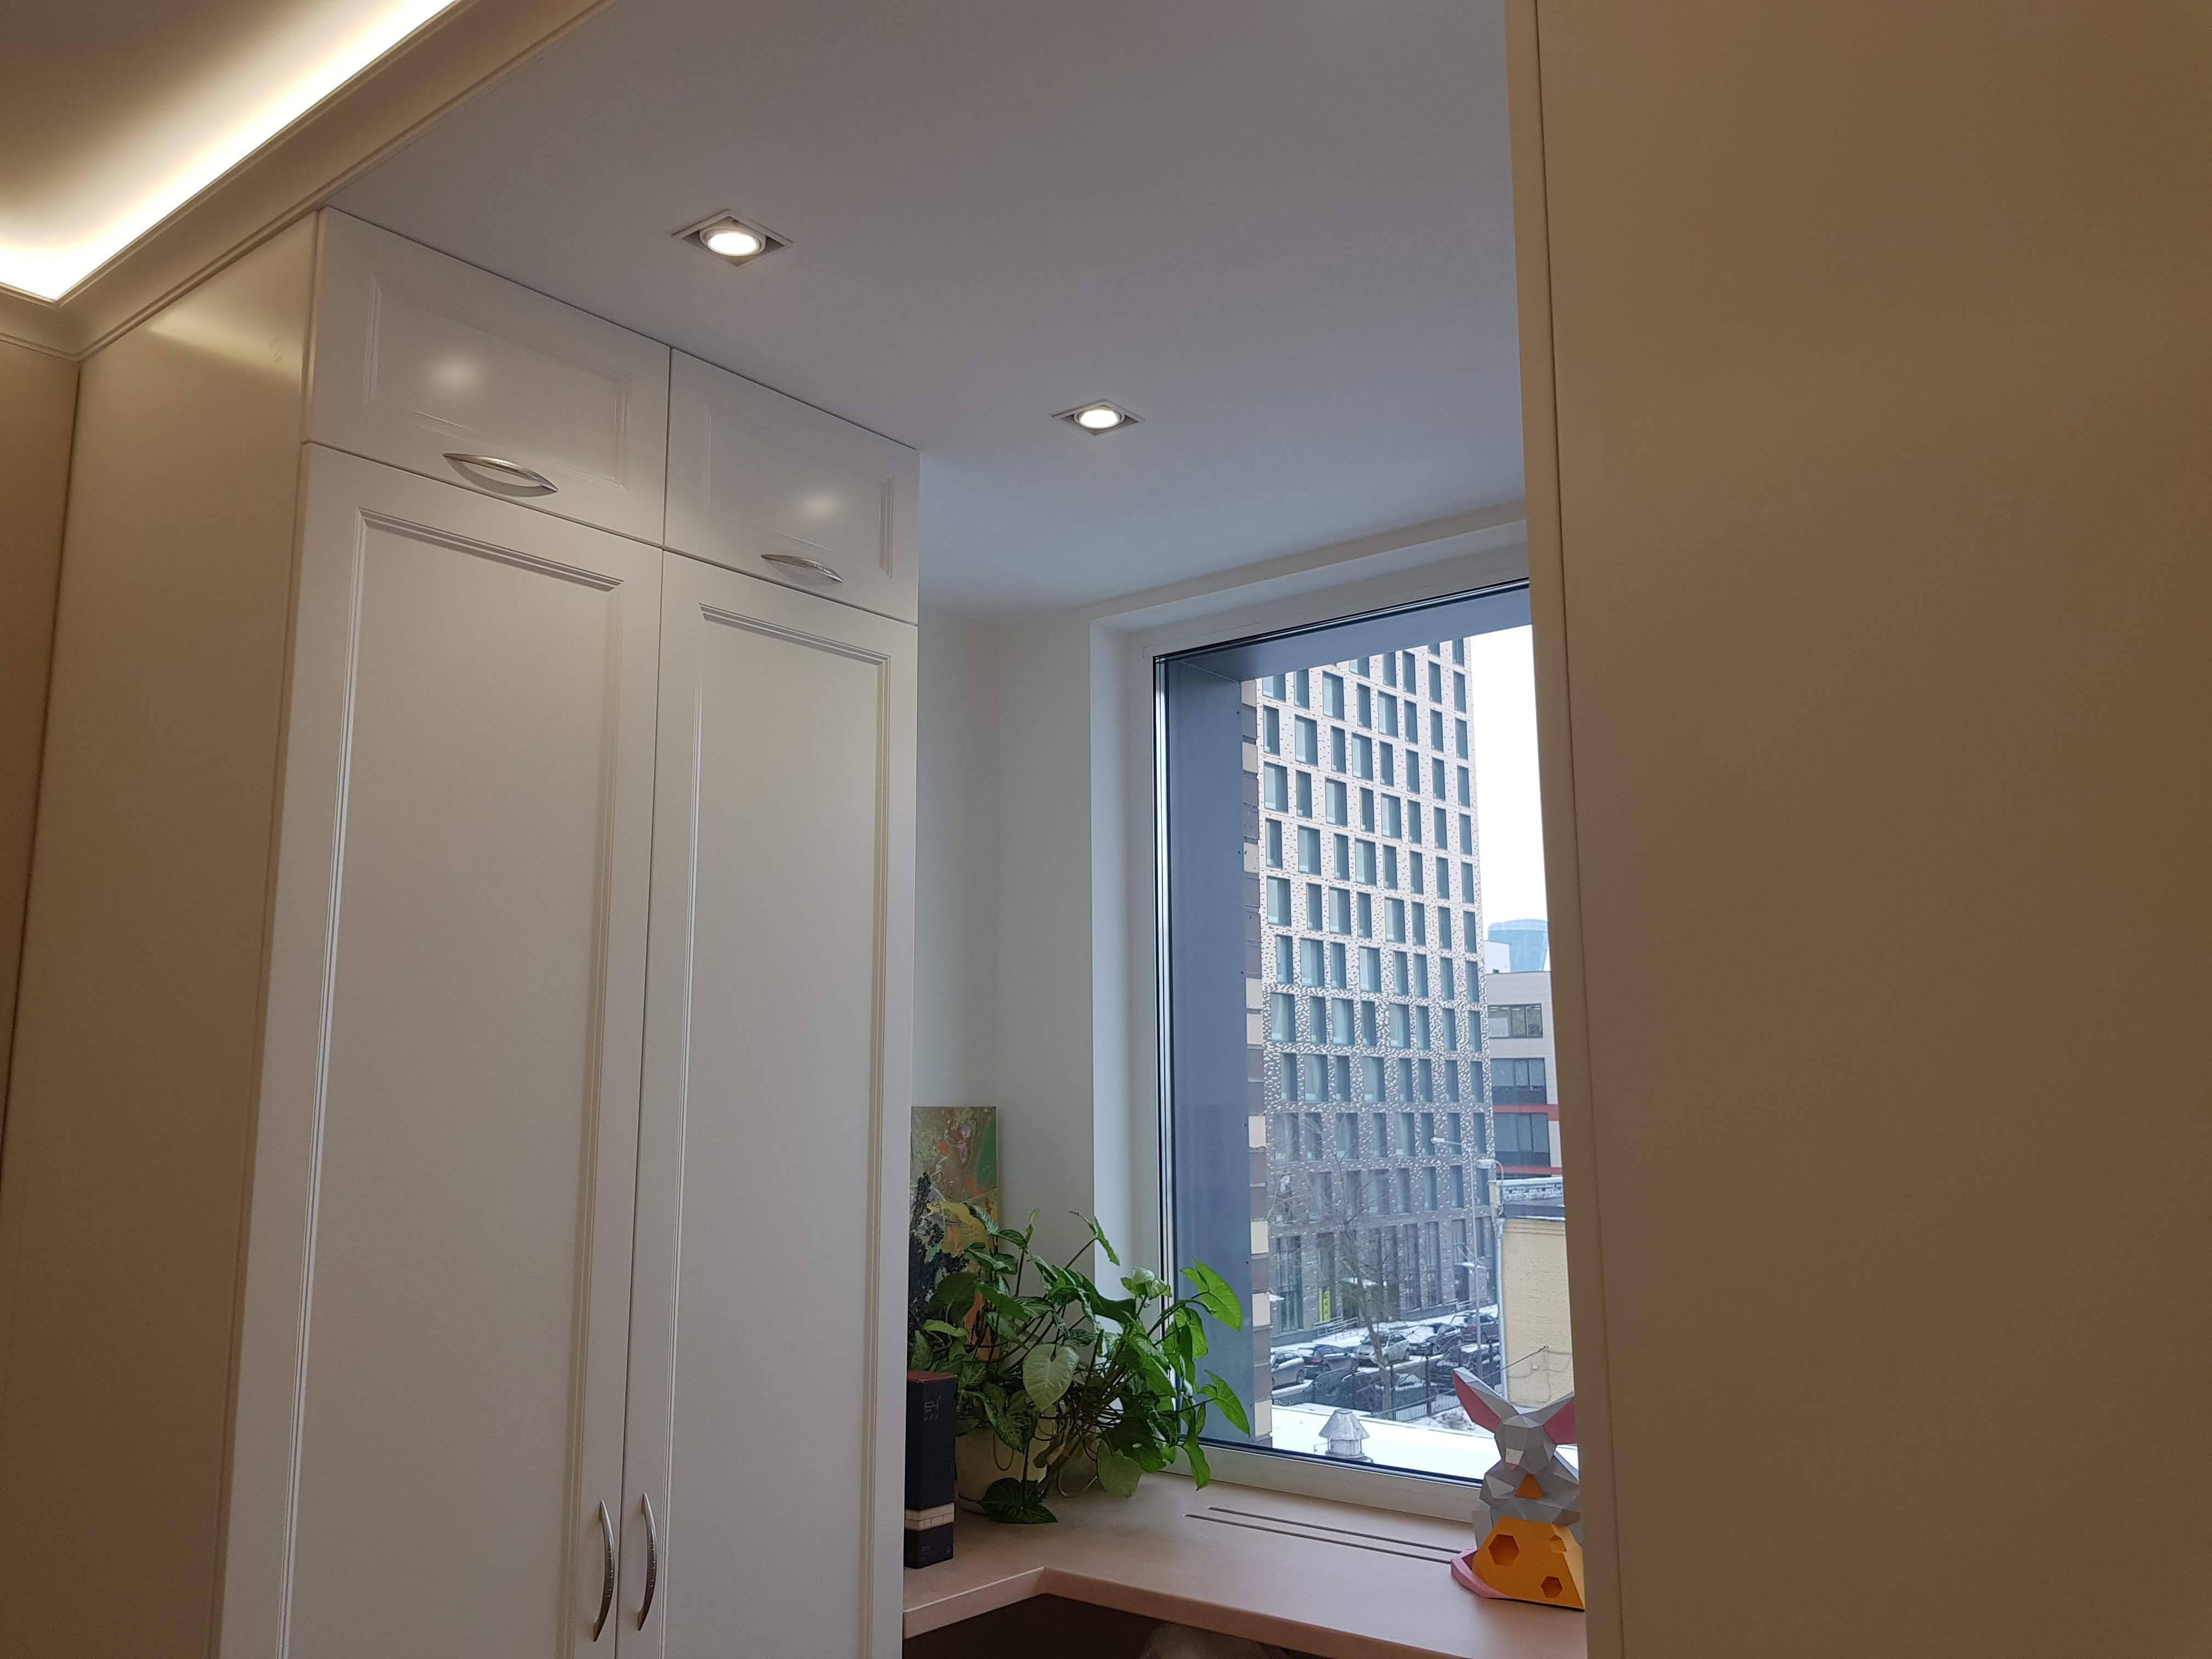 Как сэкономить деньги и время при ремонте квартиры в 2021 году?